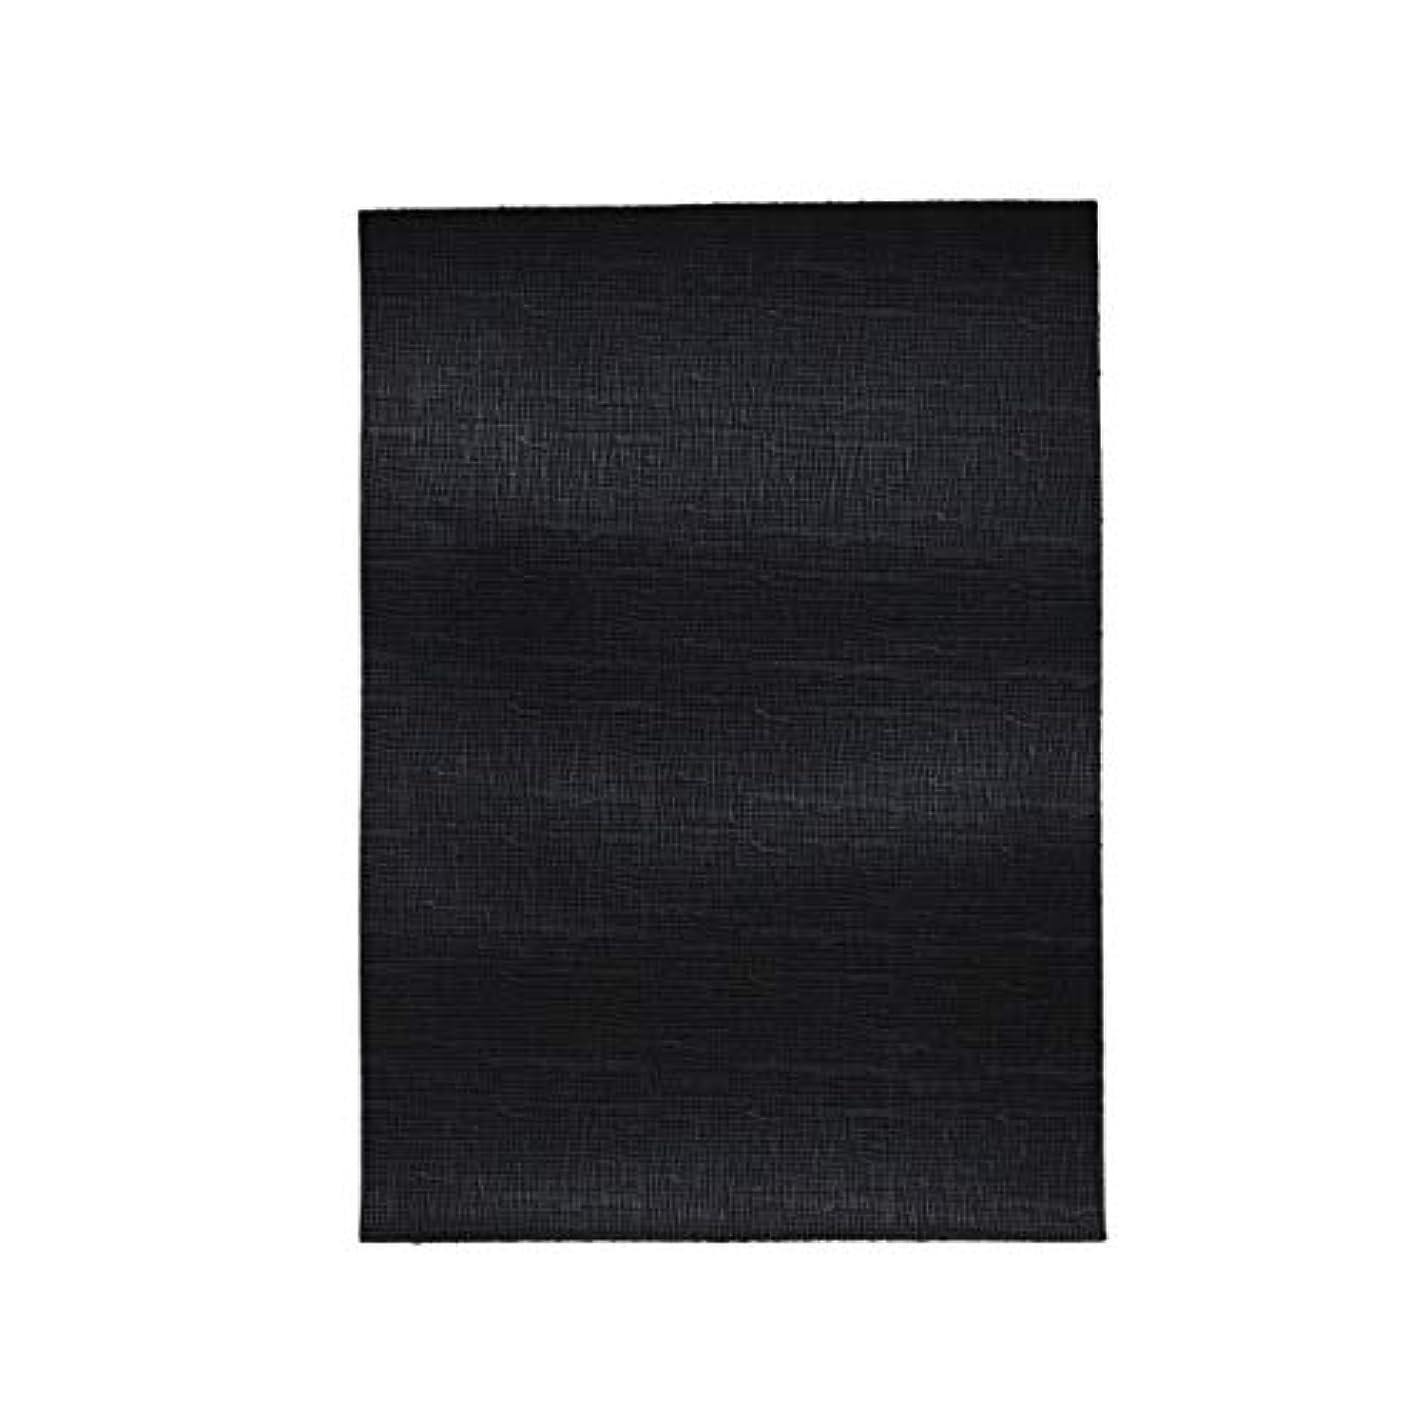 涙が出るスカリー対話TOKEN トーケン レザークラフト 材料 皮 革 日本産 牛革 ステア クロム鞣 防水レザー ウォータープルーフ 型押し加工 エンボス レザー 厚さ 約1.0mm?1.4mm (BLACK, A4)